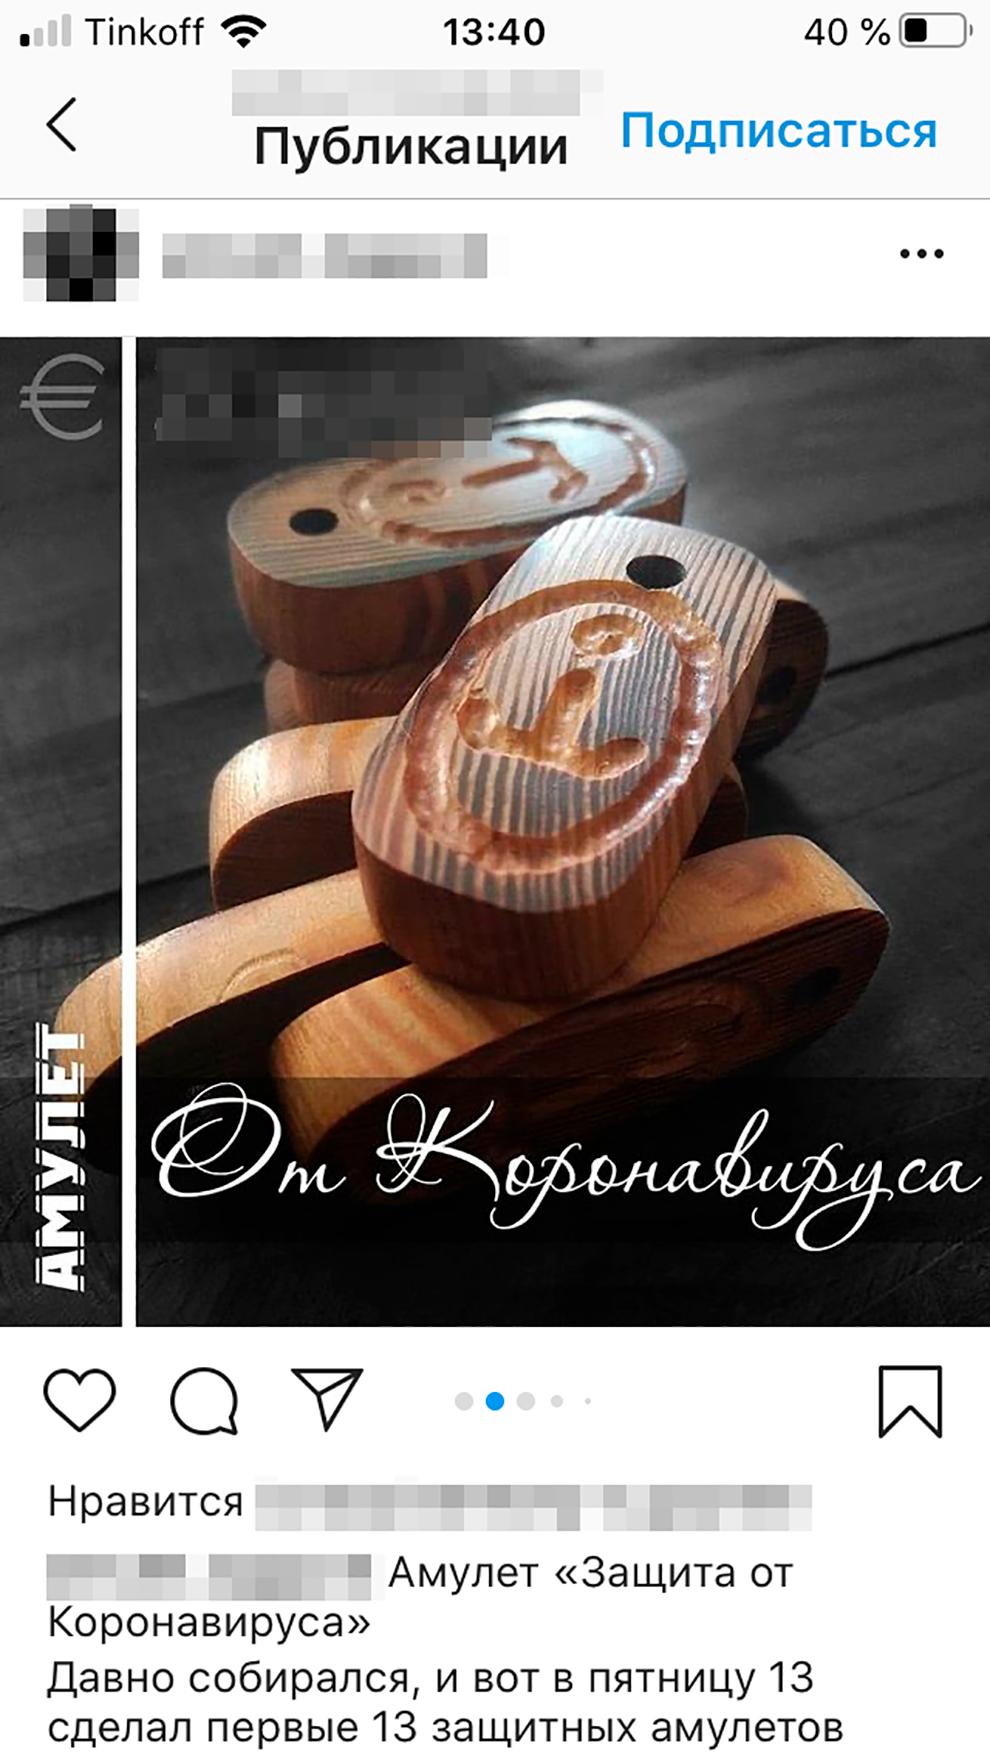 Наспех вырезанные на деревянных брусках символы продают почти по 9 тысяч рублей